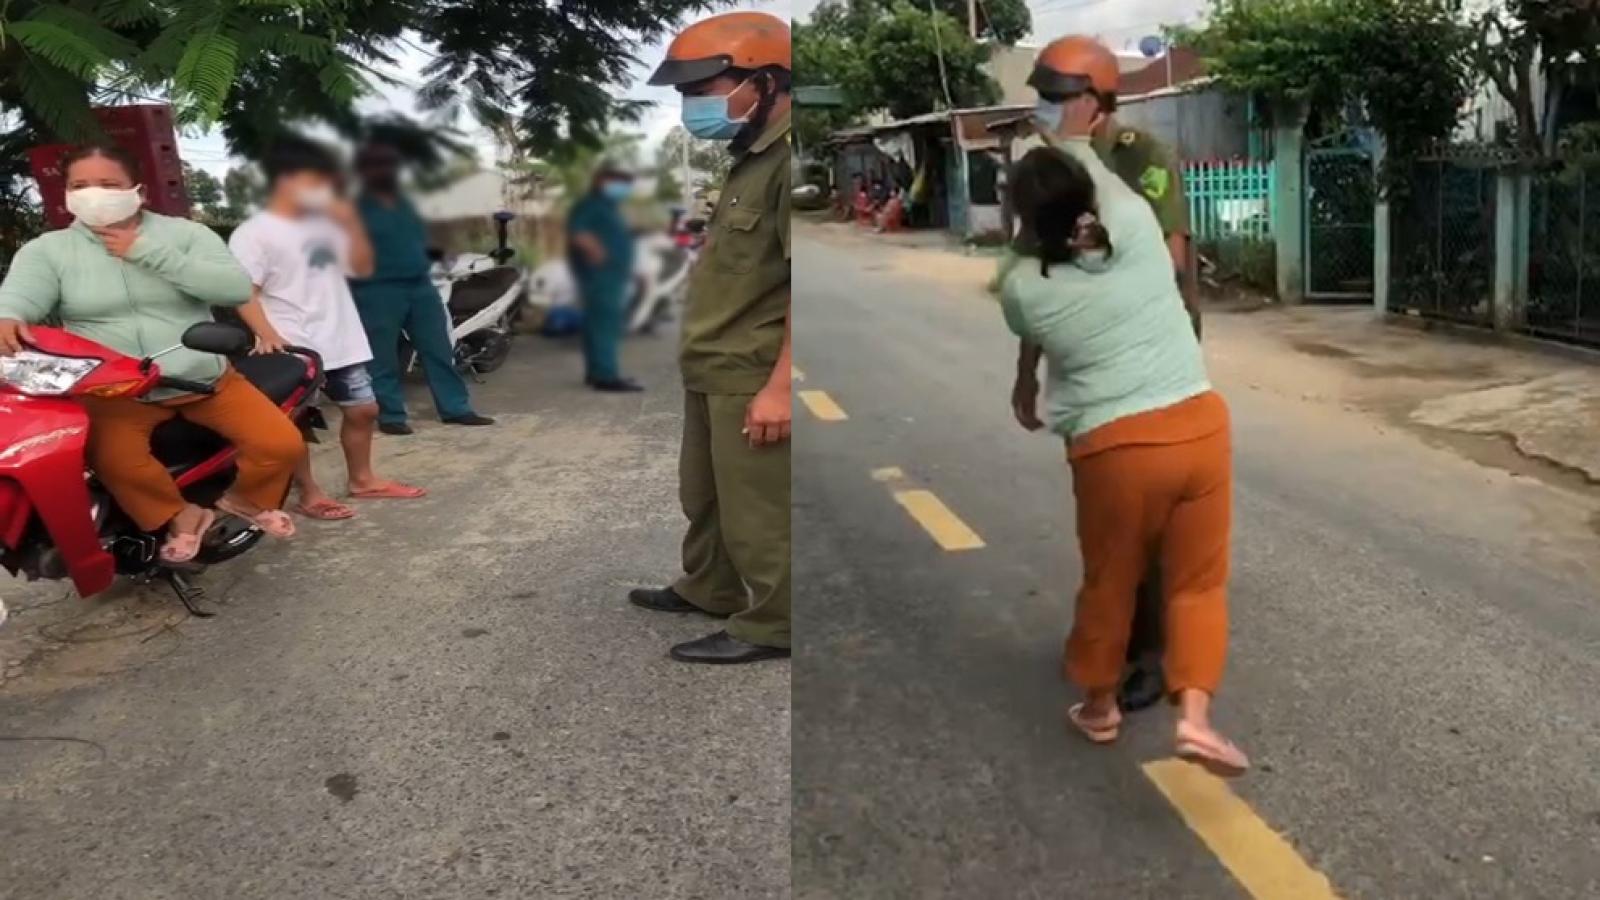 Chồng vi phạm Chỉ thị 16, vợ chửi bới và đánh công an